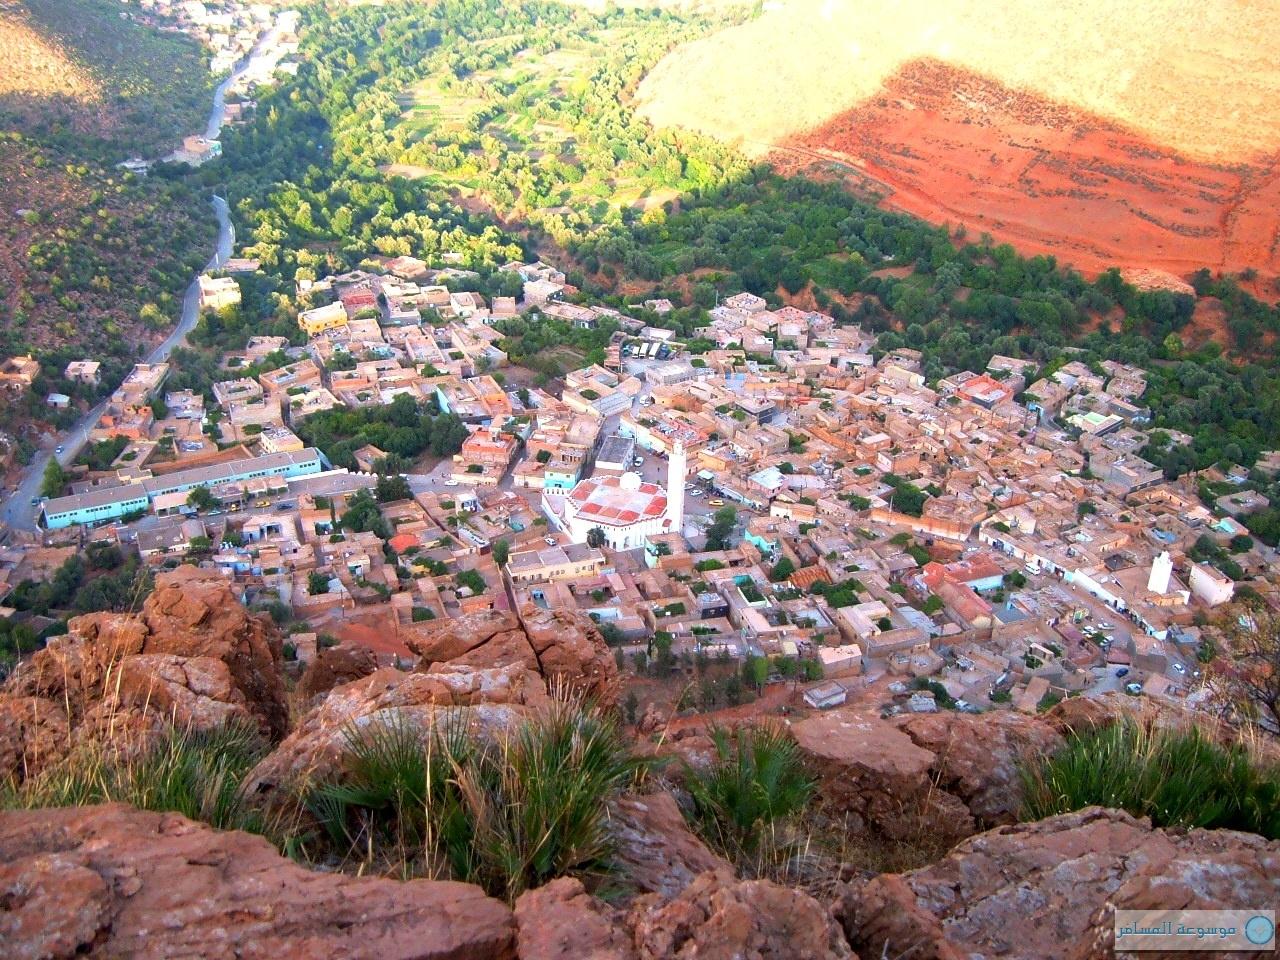 احتفال شعبي مميز .. إحدى القرى السبع لبني سنوس في تلمسان ، الجزائر